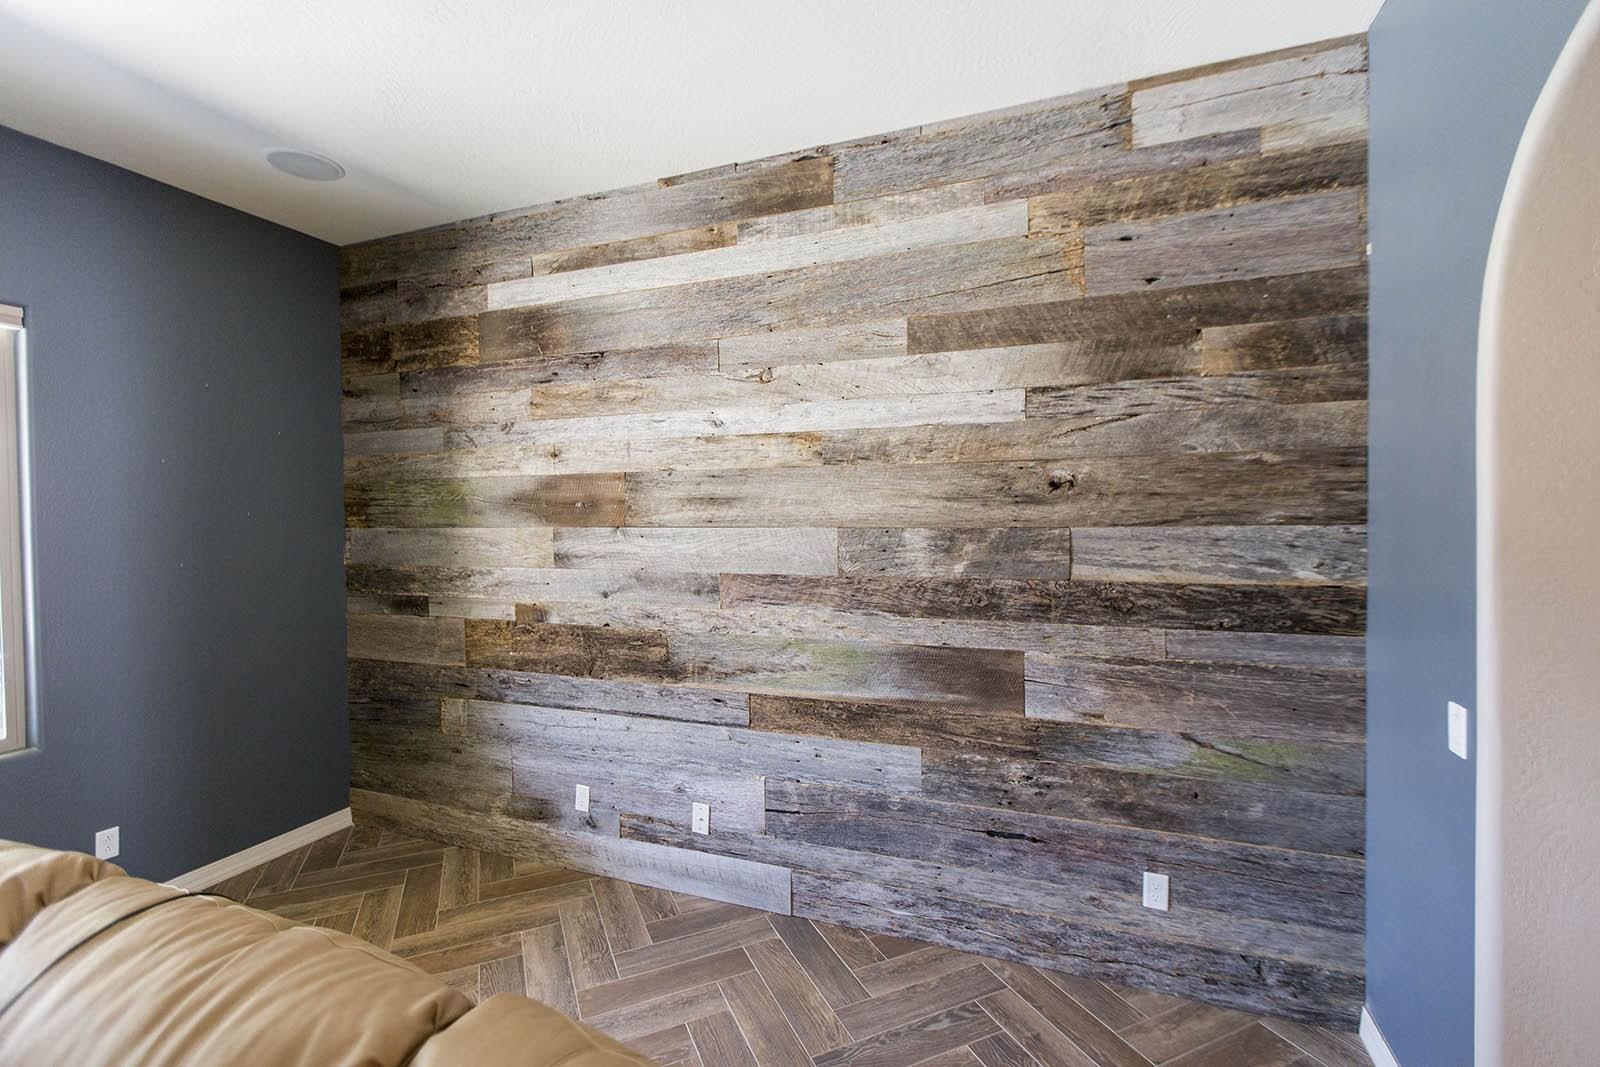 Ламинат на стене в интерьере: выбираем лучший дизайн (80 фото)